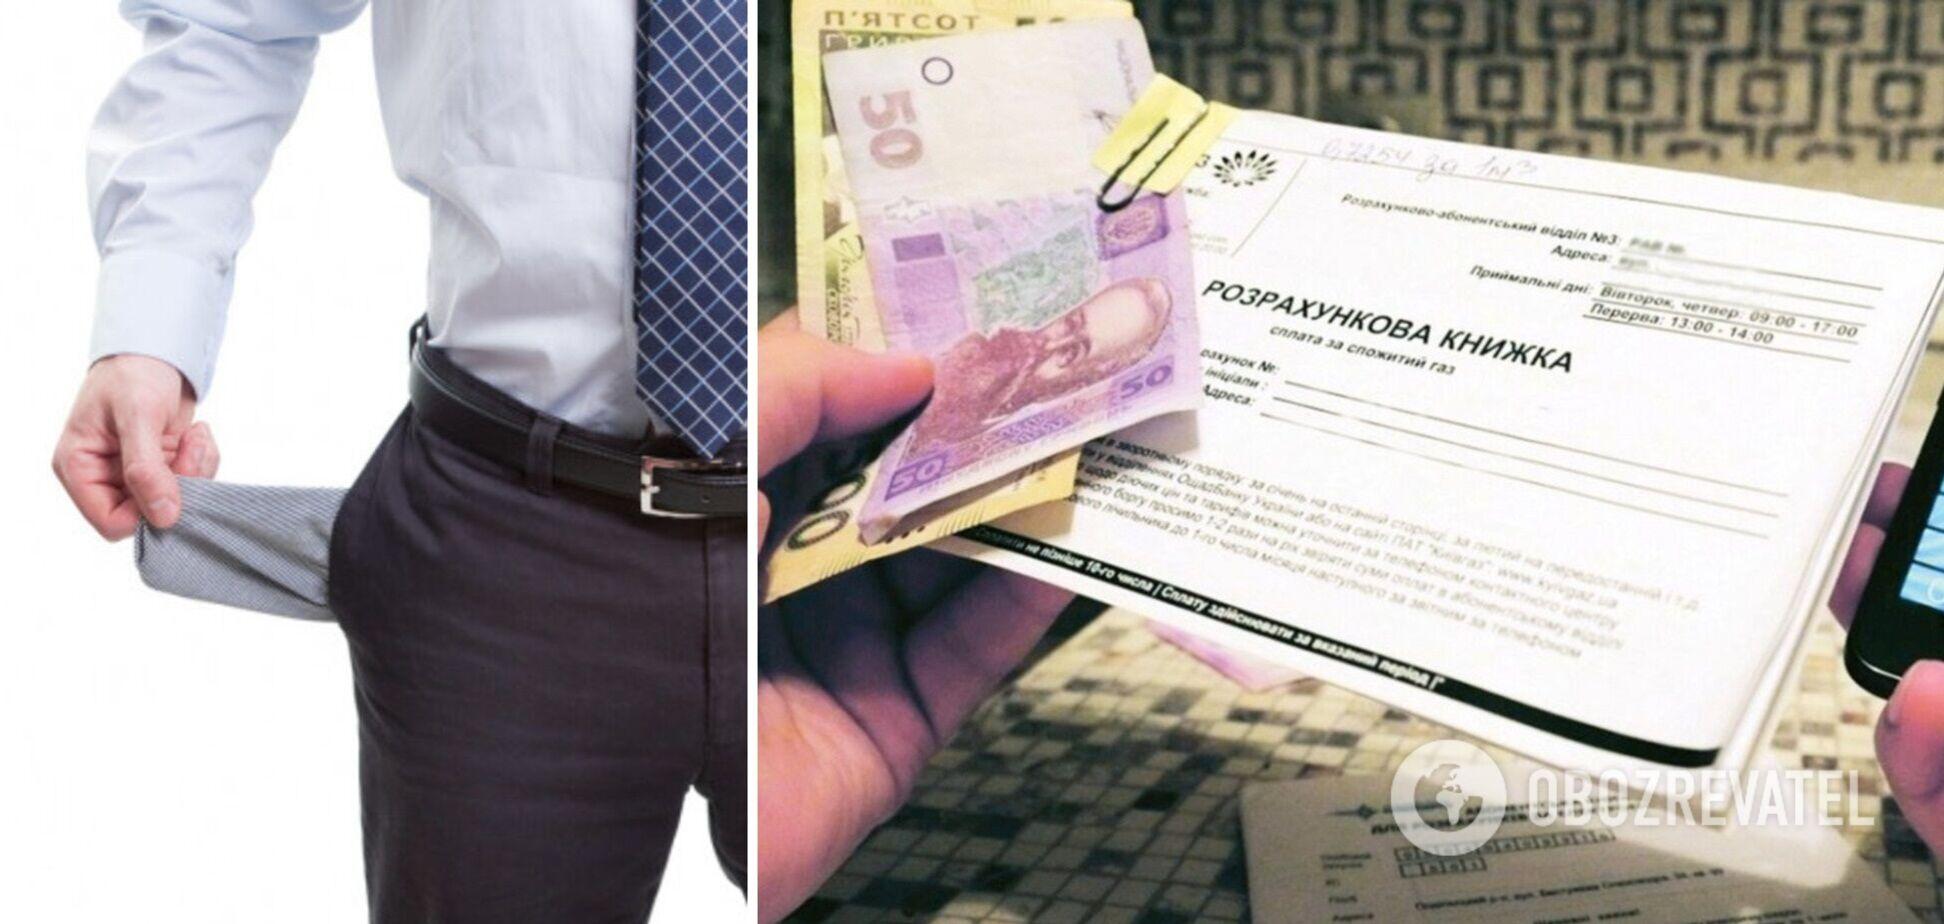 Українці винні за комуналку десятки мільярдів